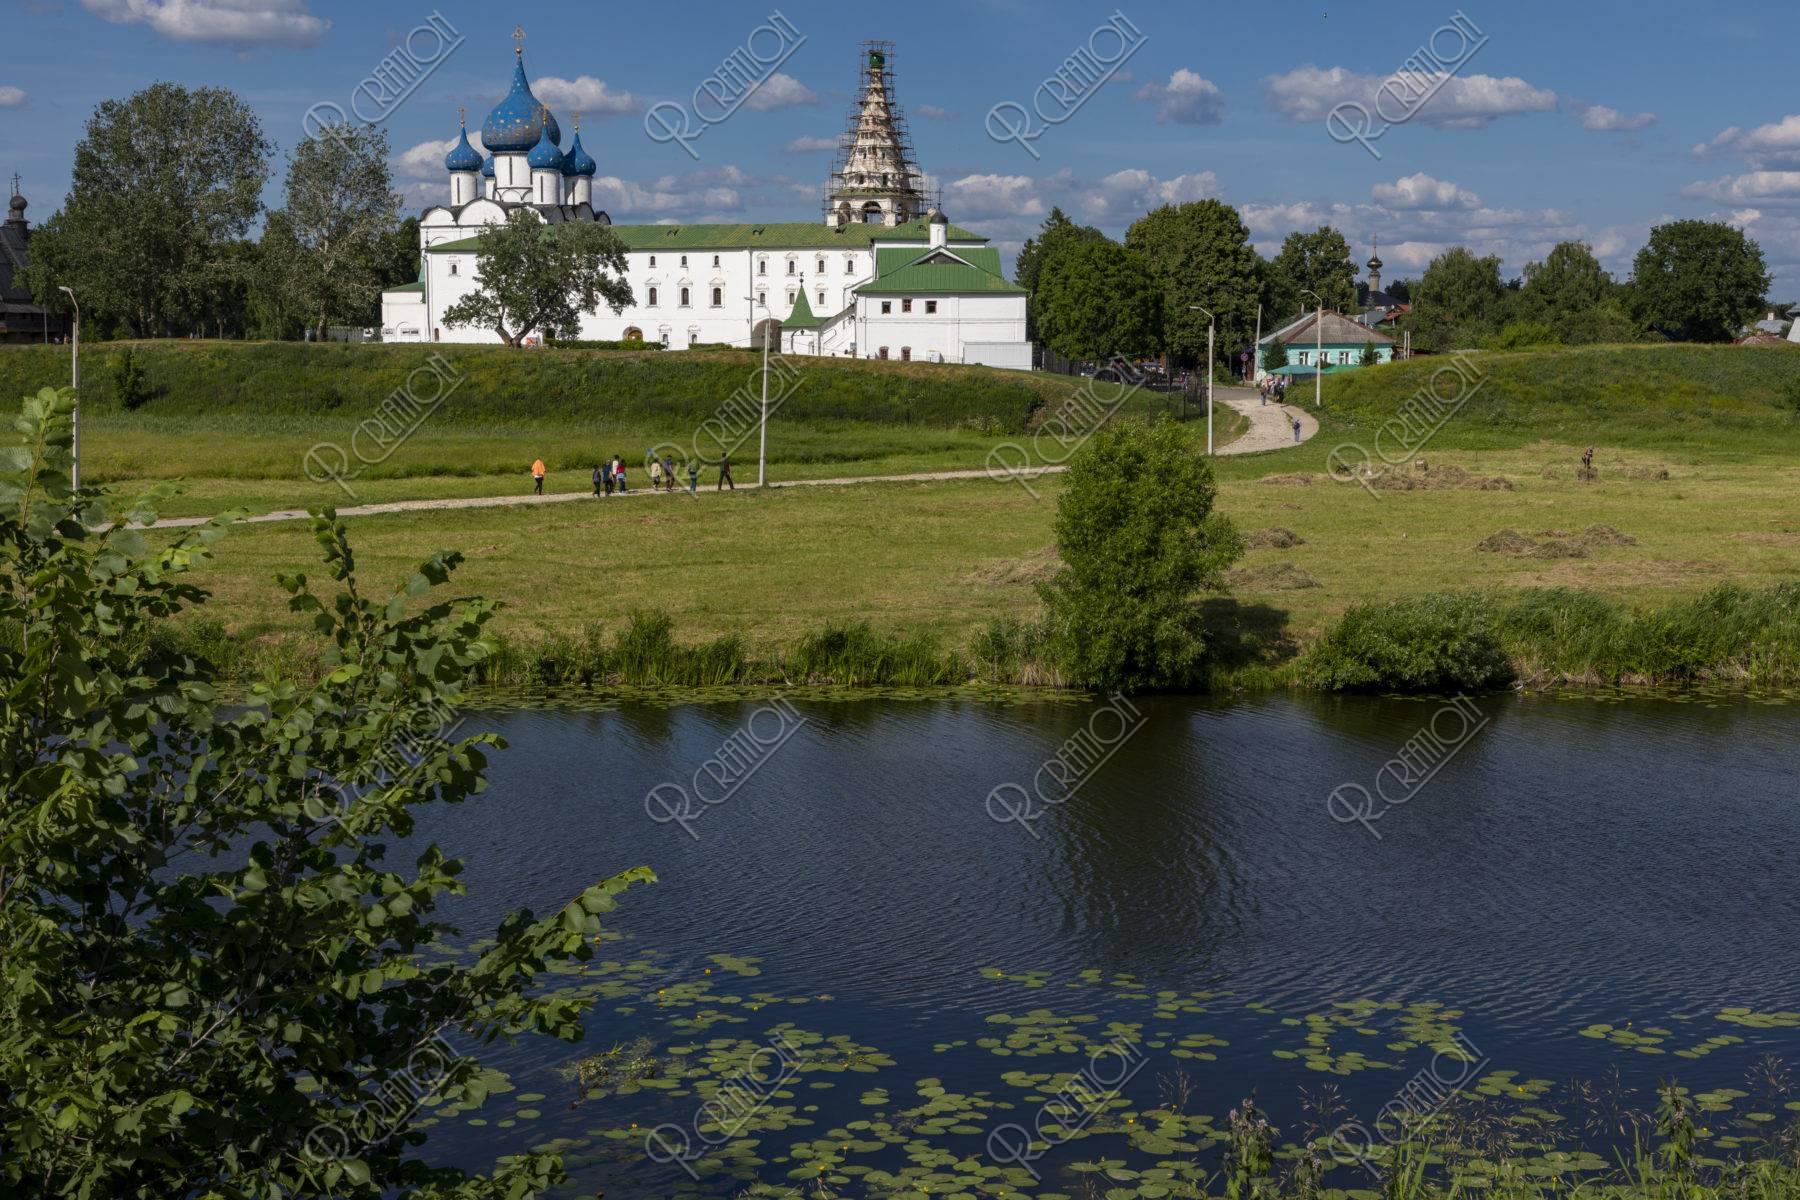 ロジェストヴェンスキー聖堂